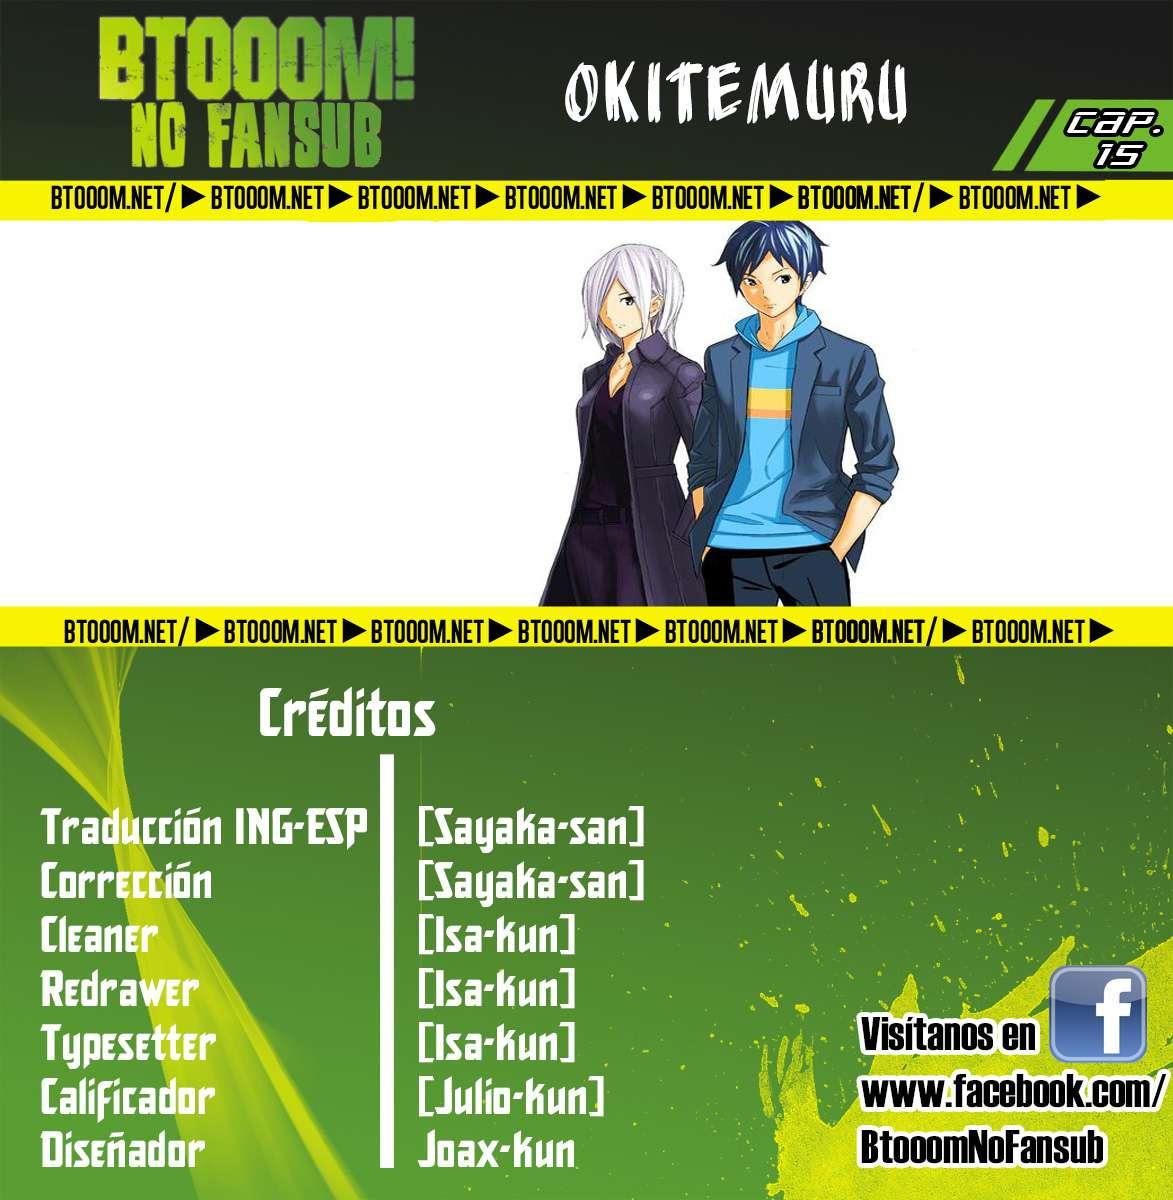 http://c5.ninemanga.com/es_manga/54/16310/392126/9754f4e85b915d1ecb9de2911d9d80cb.jpg Page 1